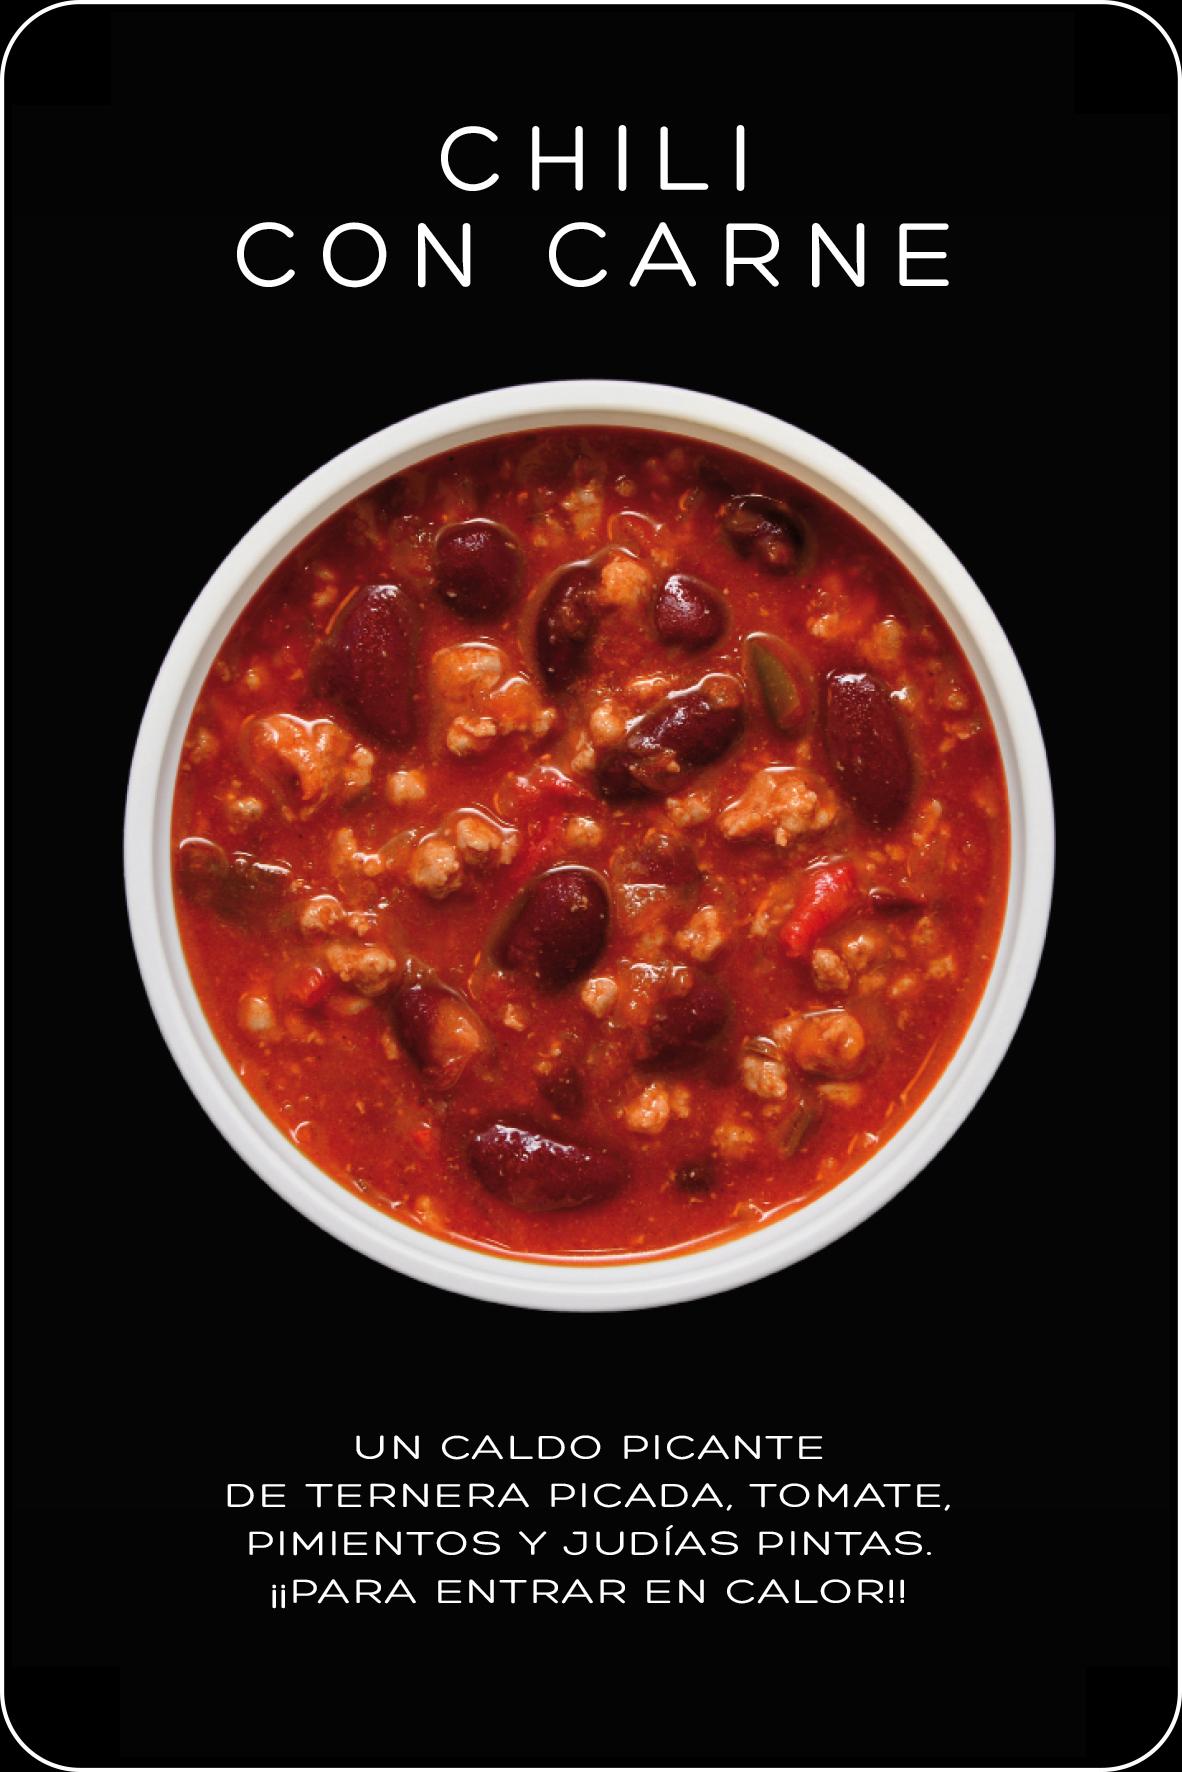 CHILI CON CARNE+BORDE.jpg